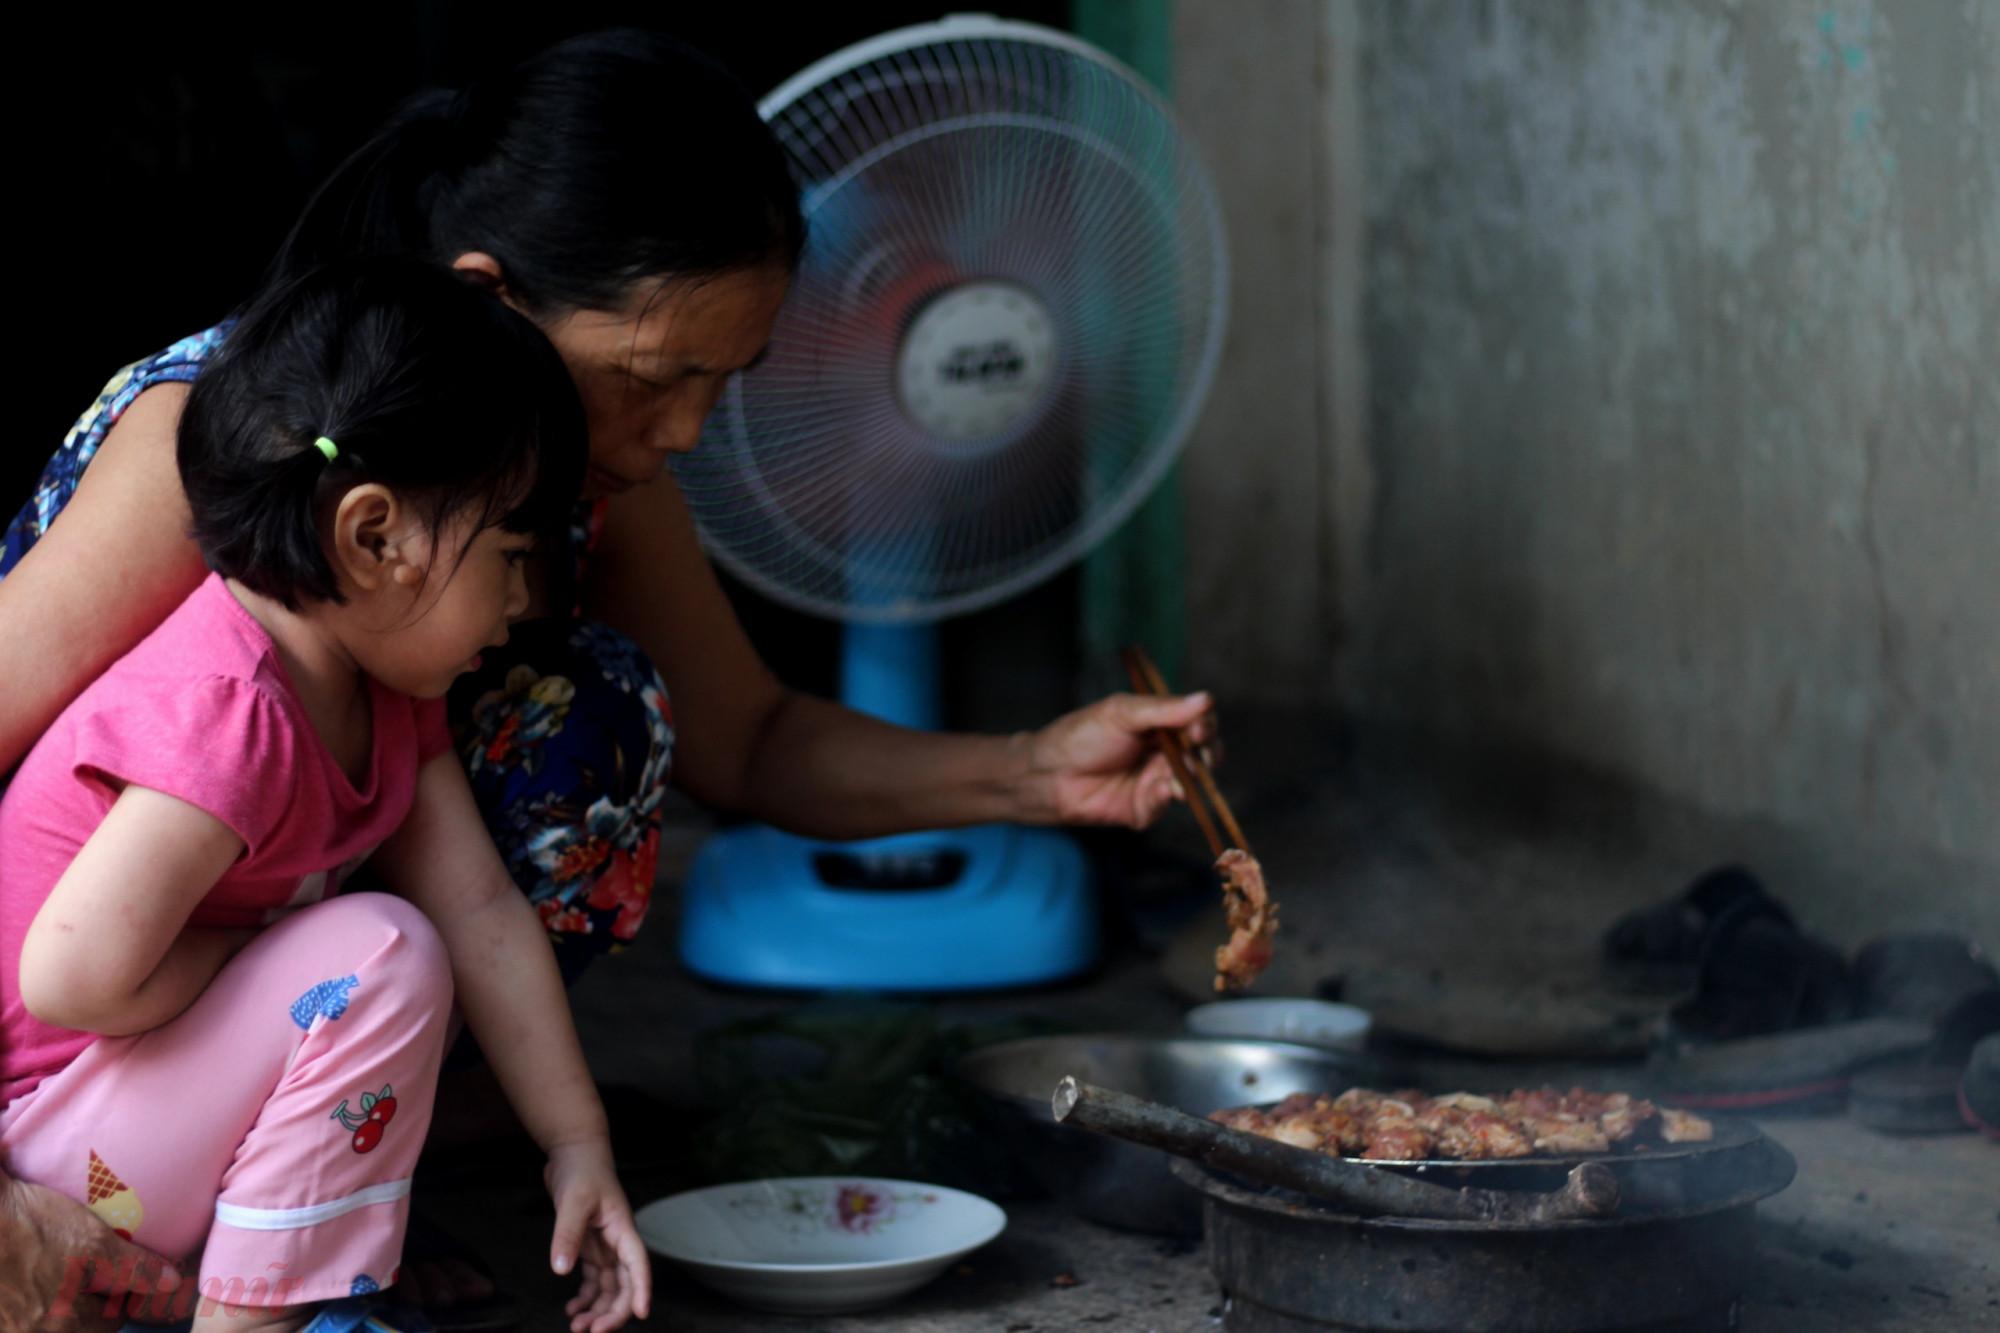 Những ngày hè năm trước, biết lũ cháu thích ăn nên thỉnh thoảng, bà lại quạt than nướng thịt.